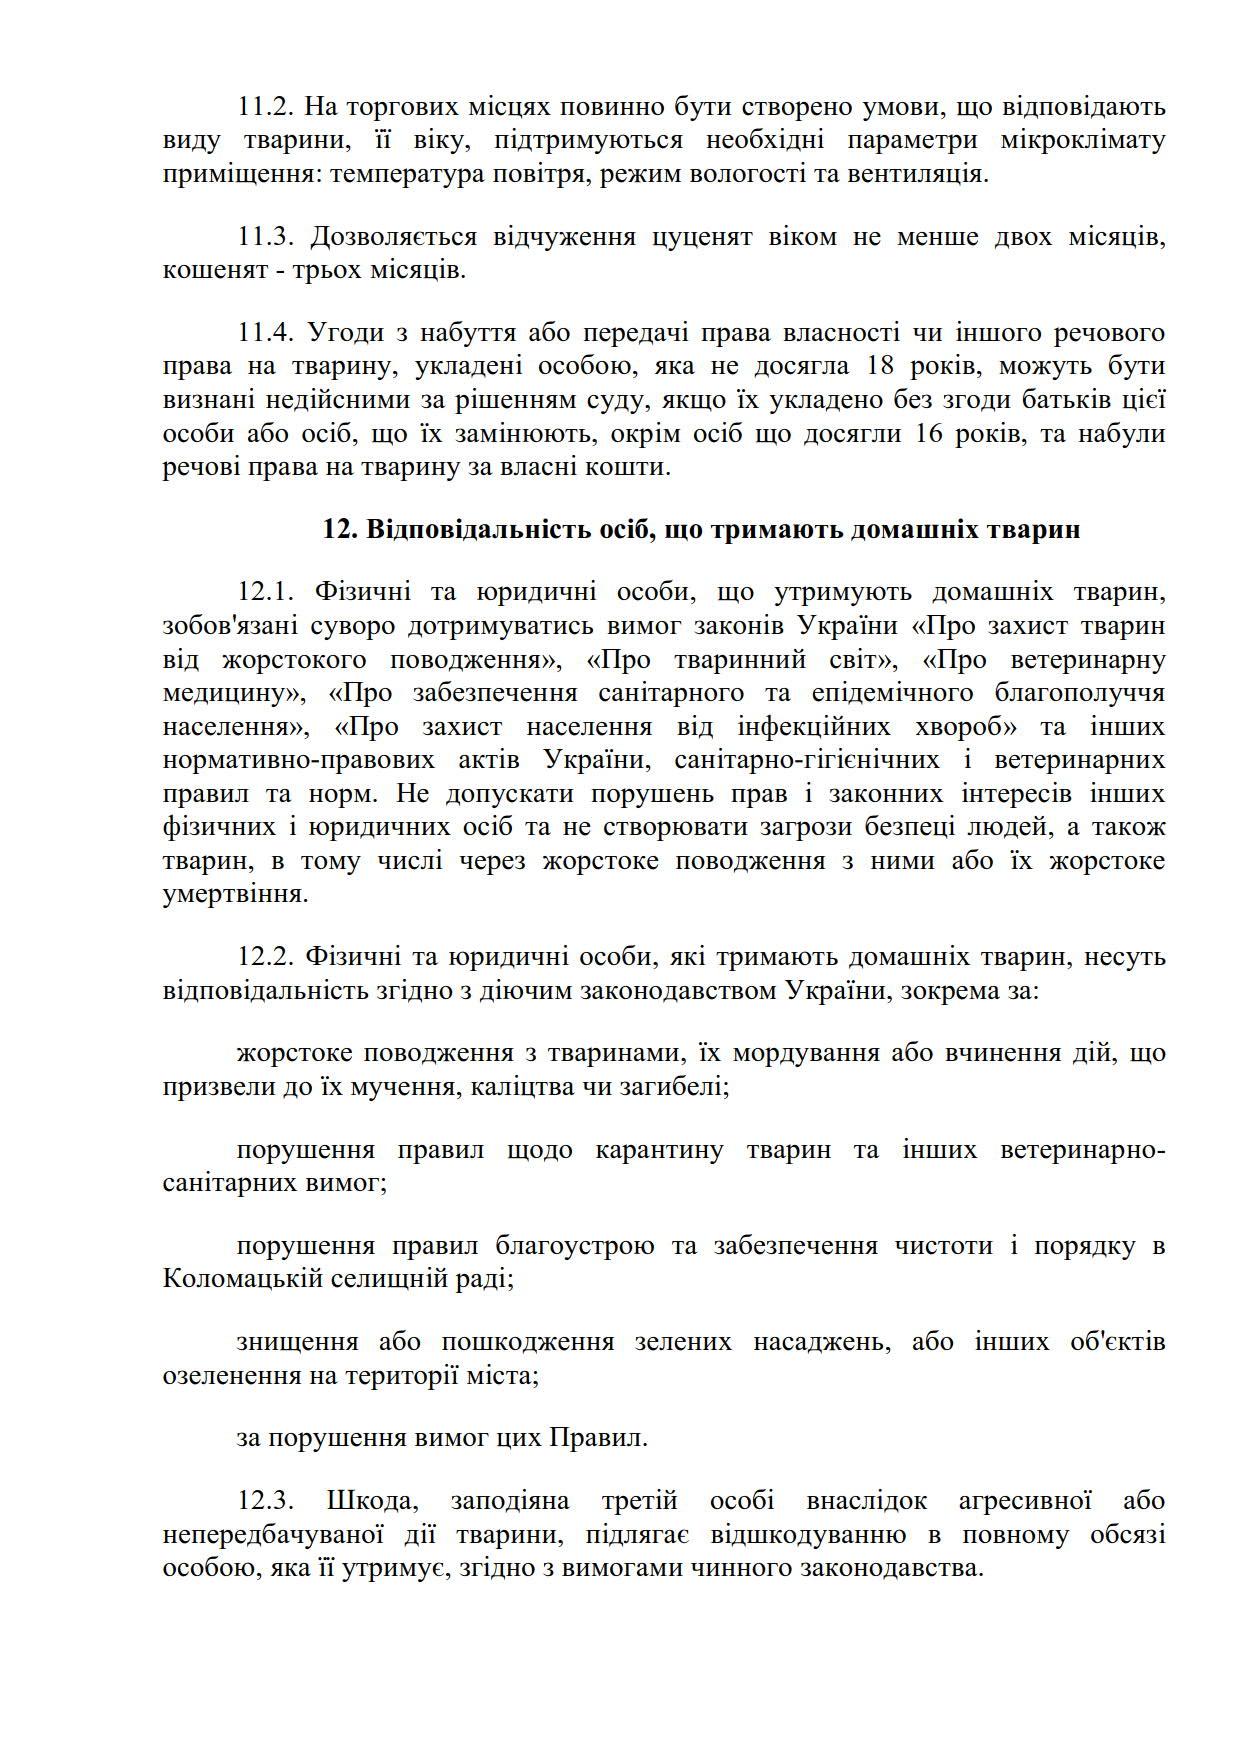 Правила утримання домашніх тварин коломак нов_14